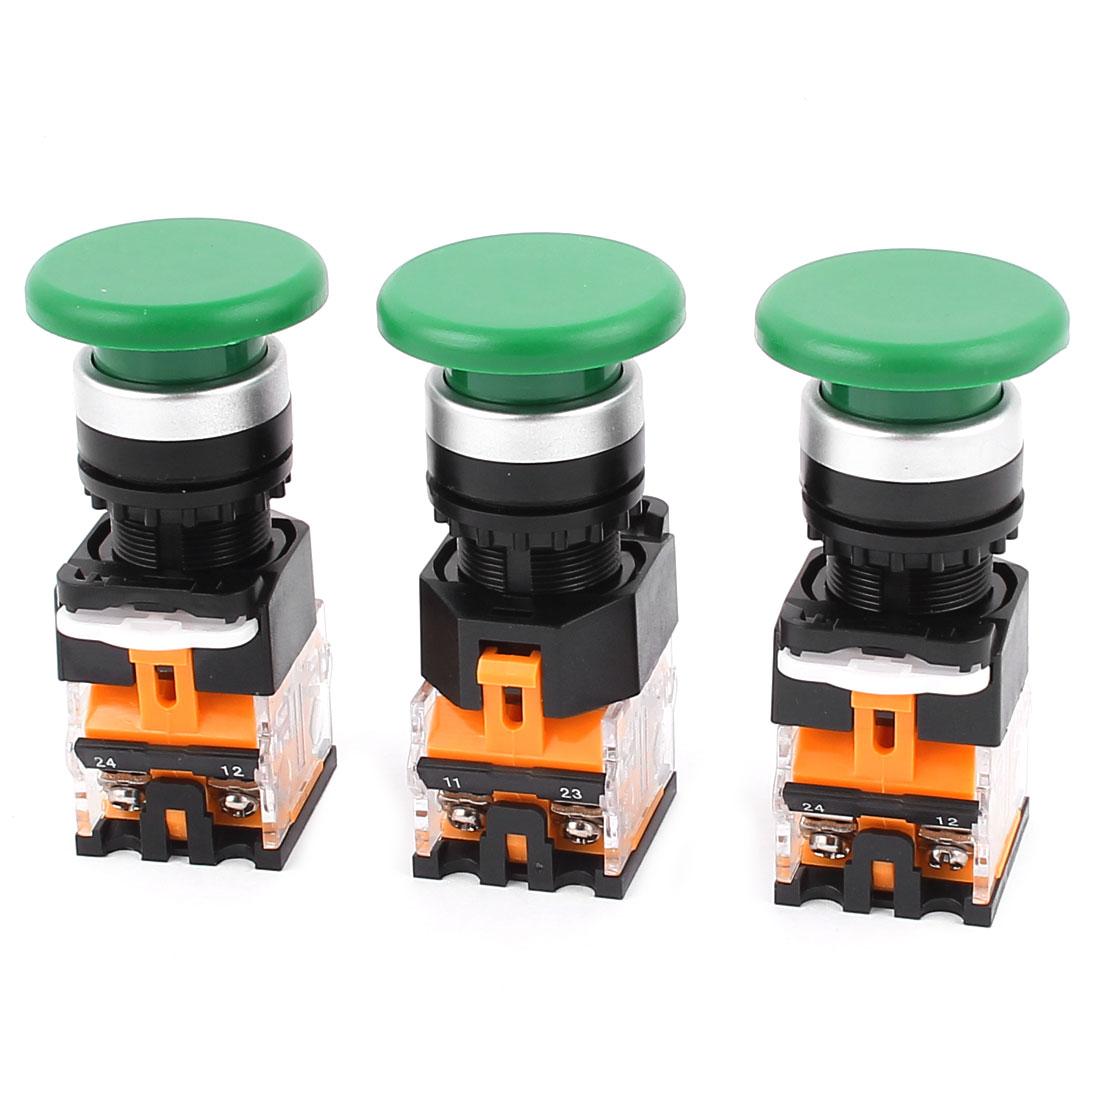 3pcs AC 660V 10A NO/NC 4Pin Mushroom Emergency Stop Green Push Button Switch